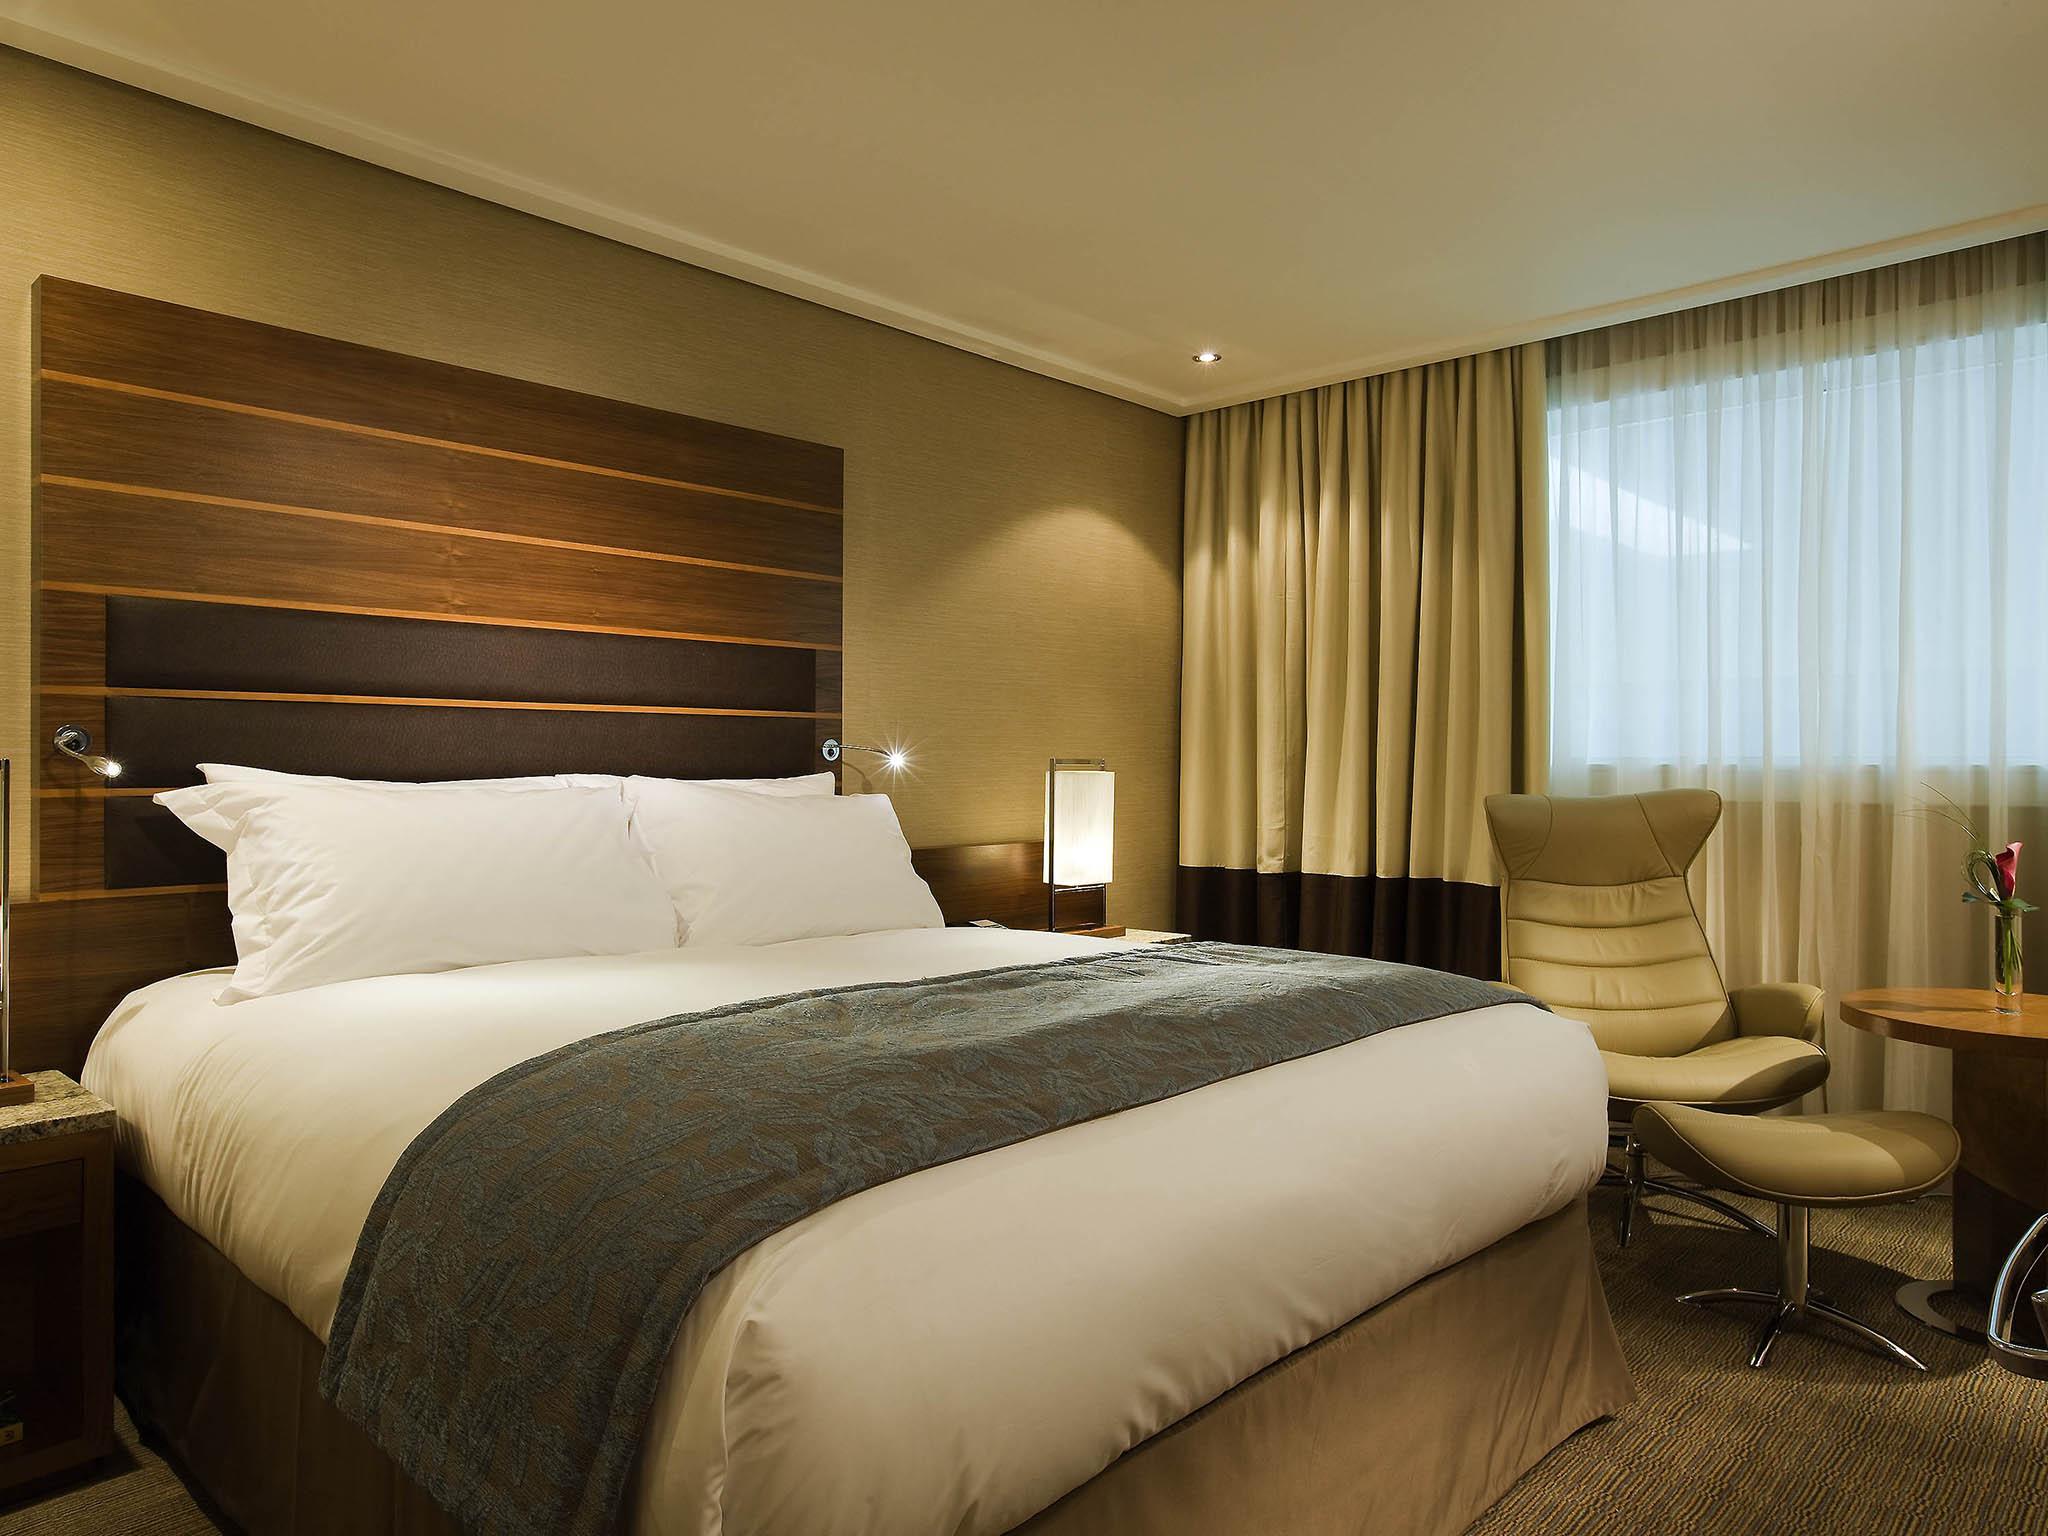 Sofitel London Heathrow 4 Star Hotel In London